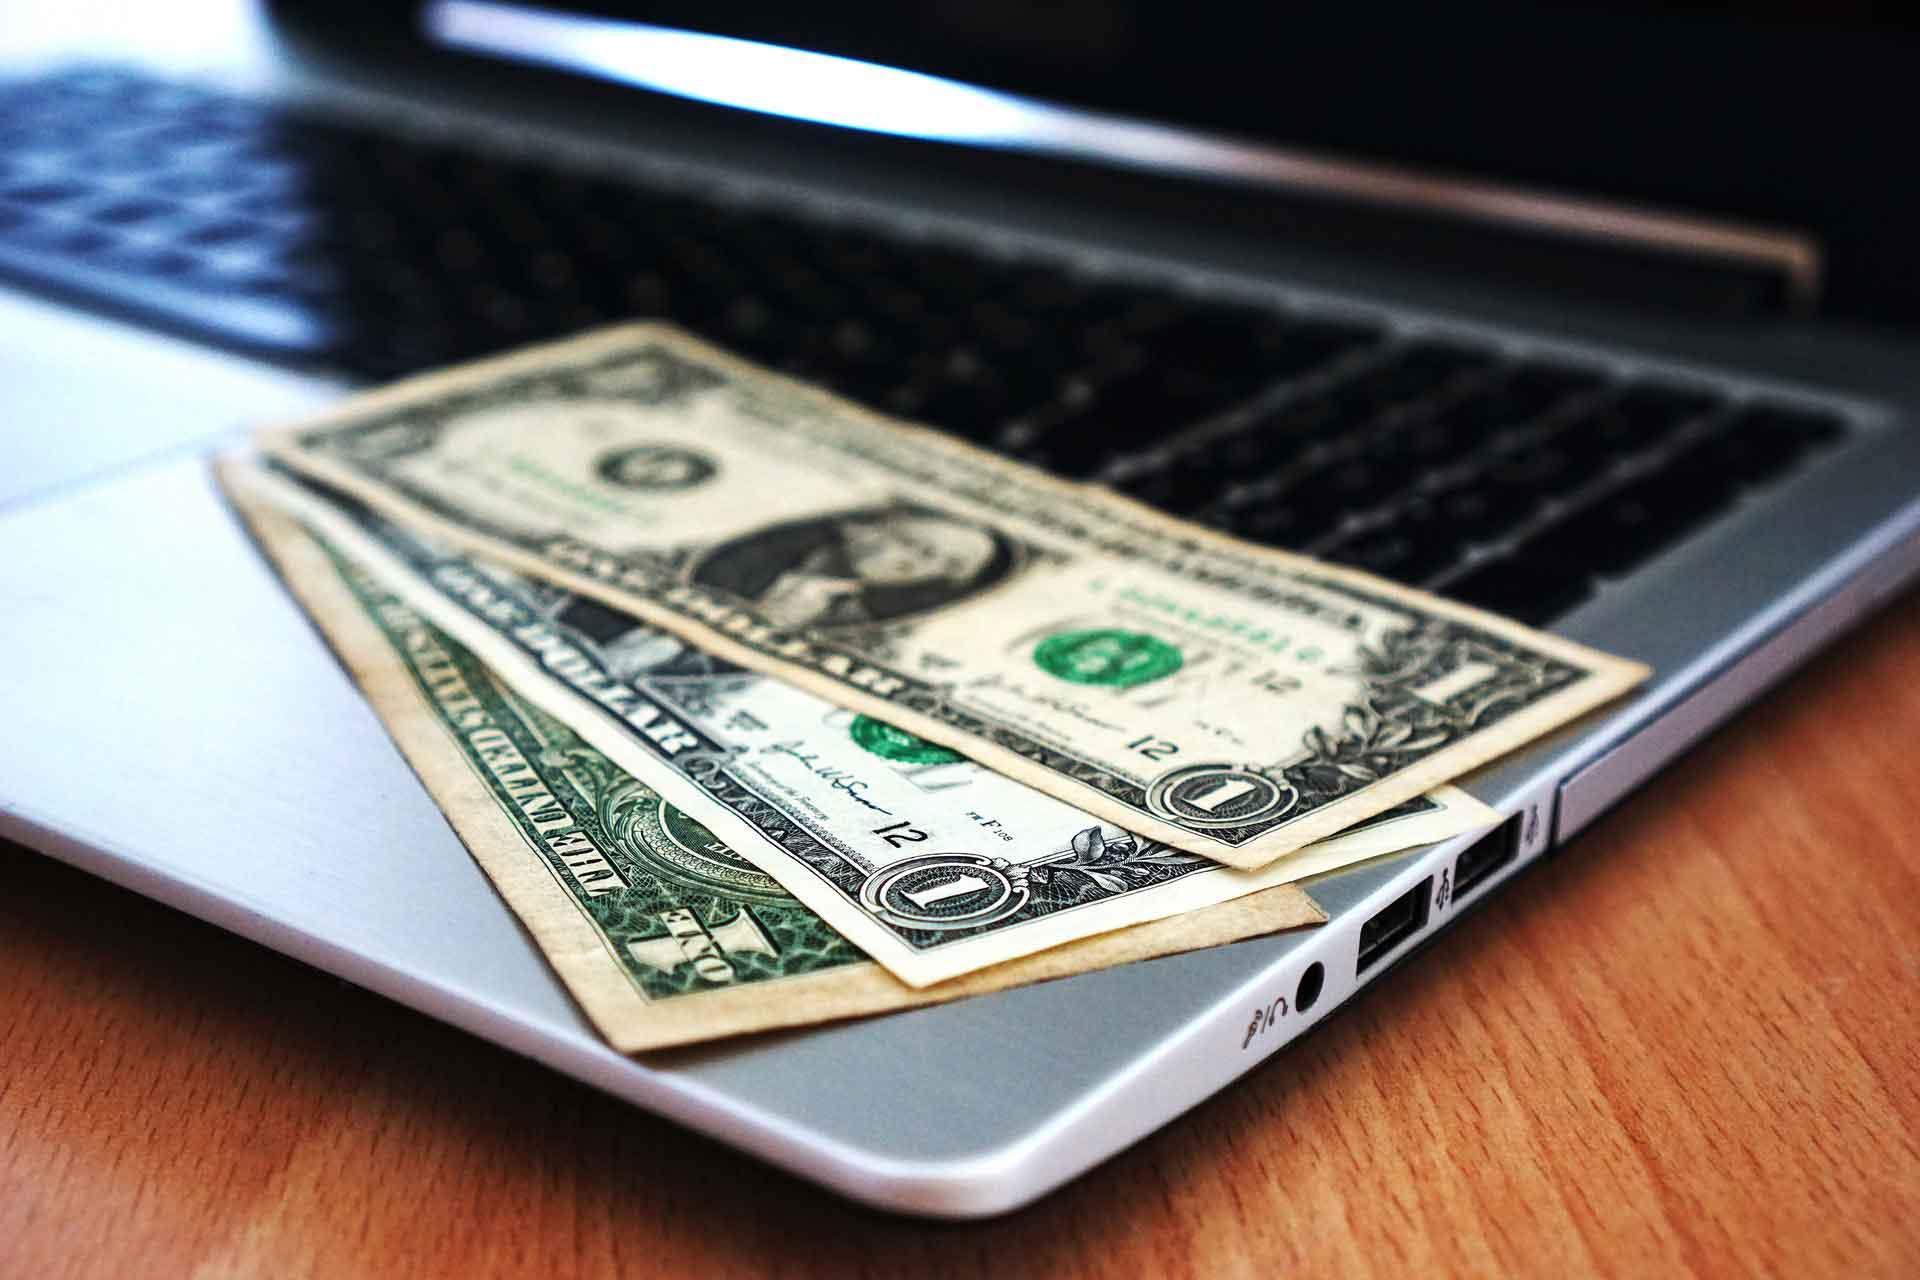 kereskedés szintek szerint bináris opciók nyereséget kínál az interneten